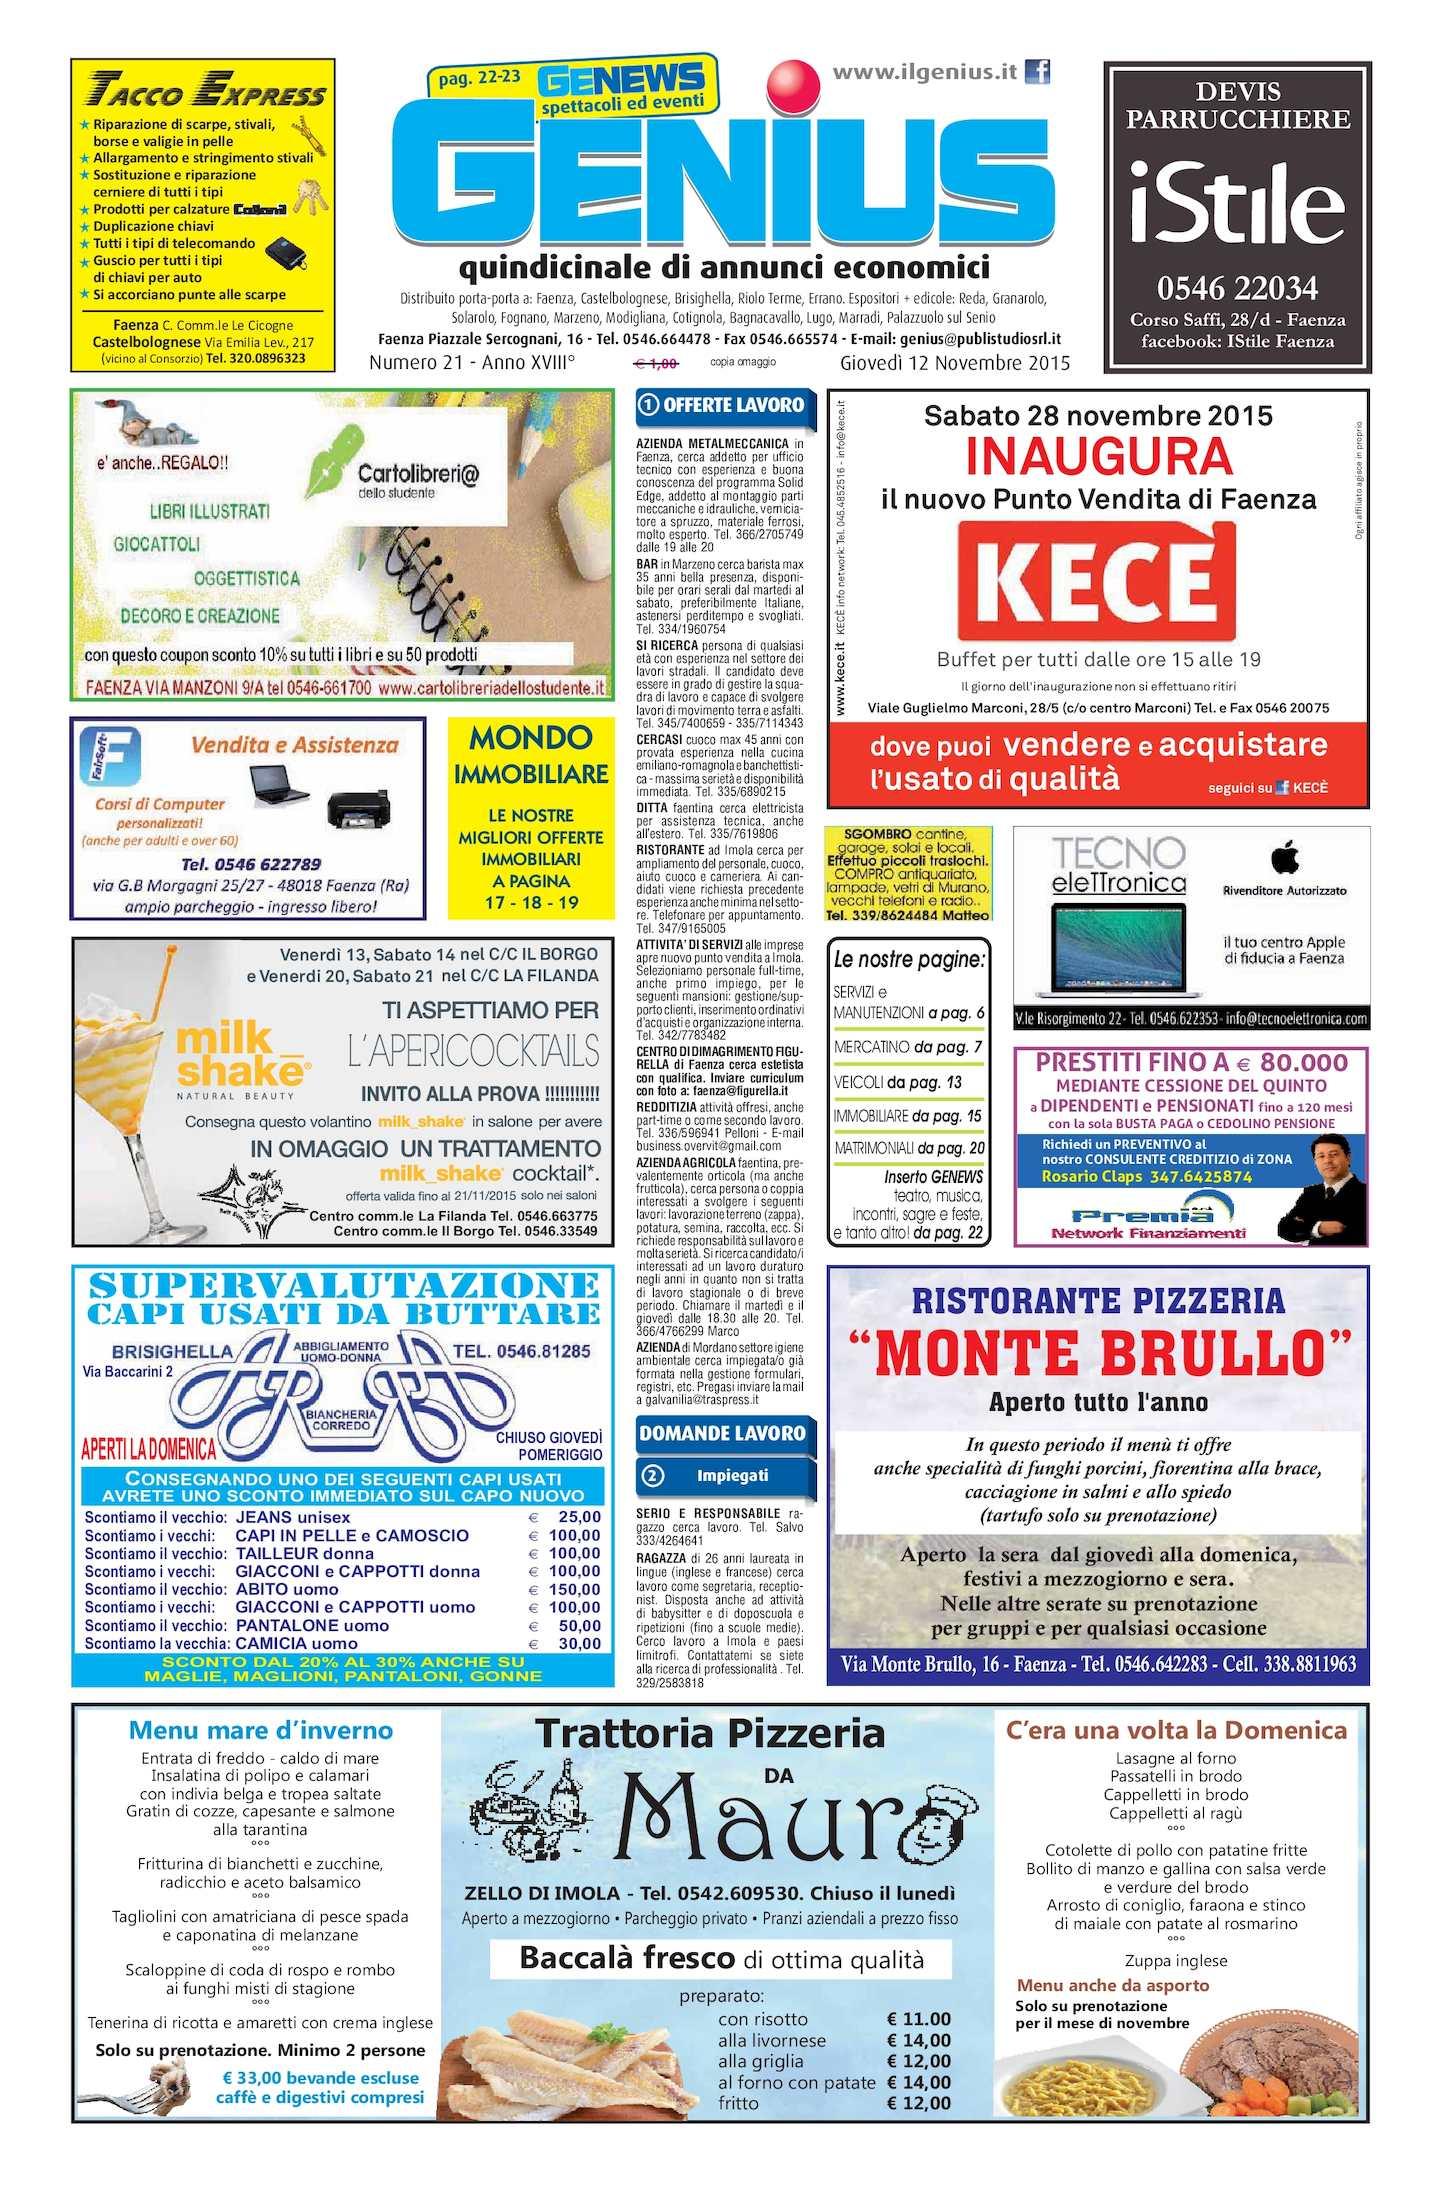 Lettino Massaggio Portatile San Marco.Calameo Num 21 Del 11 Novembre 2015